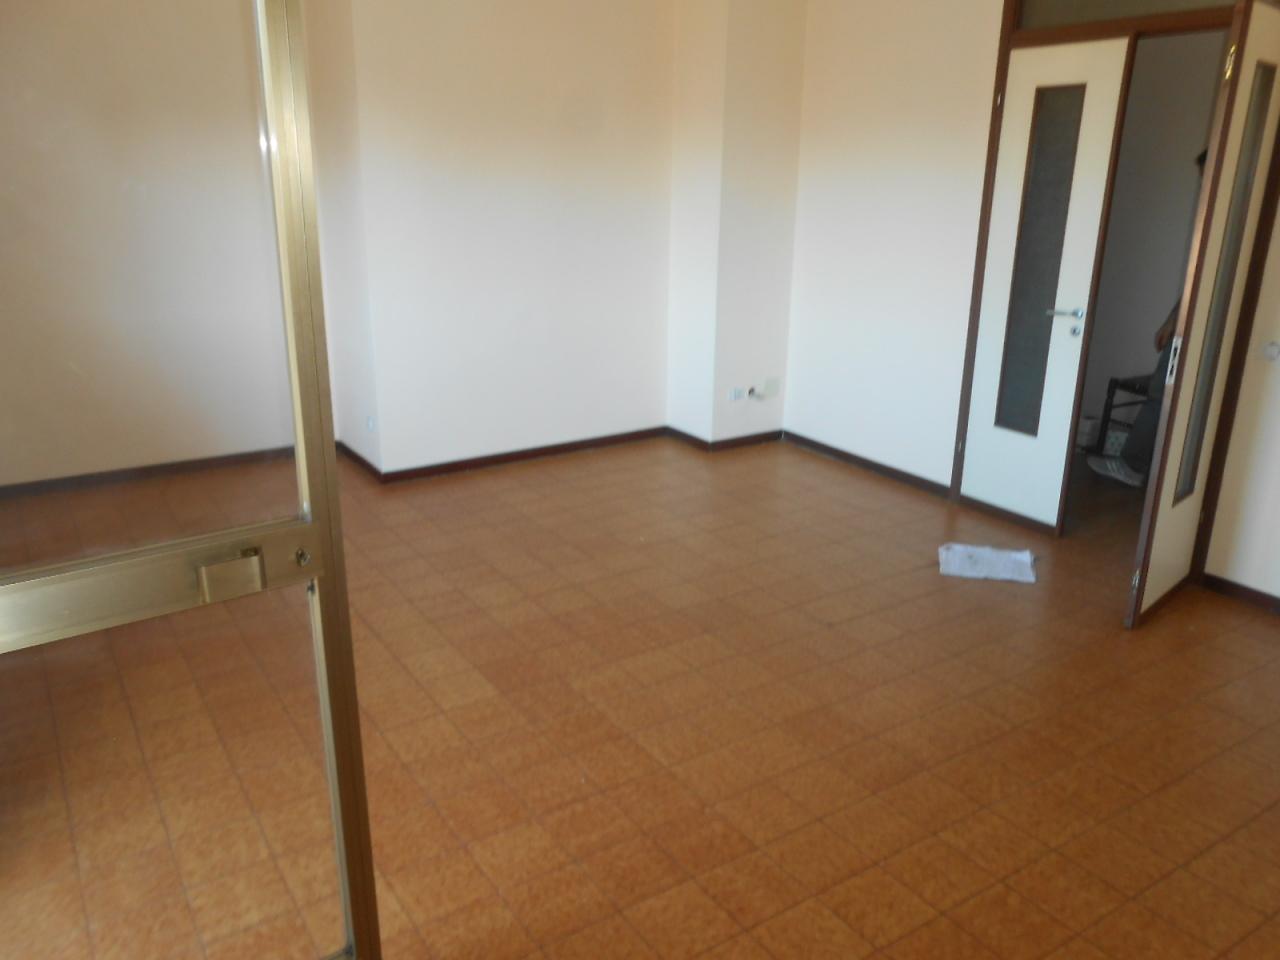 Appartamento in vendita a Lucca, 5 locali, prezzo € 145.000 | Cambio Casa.it